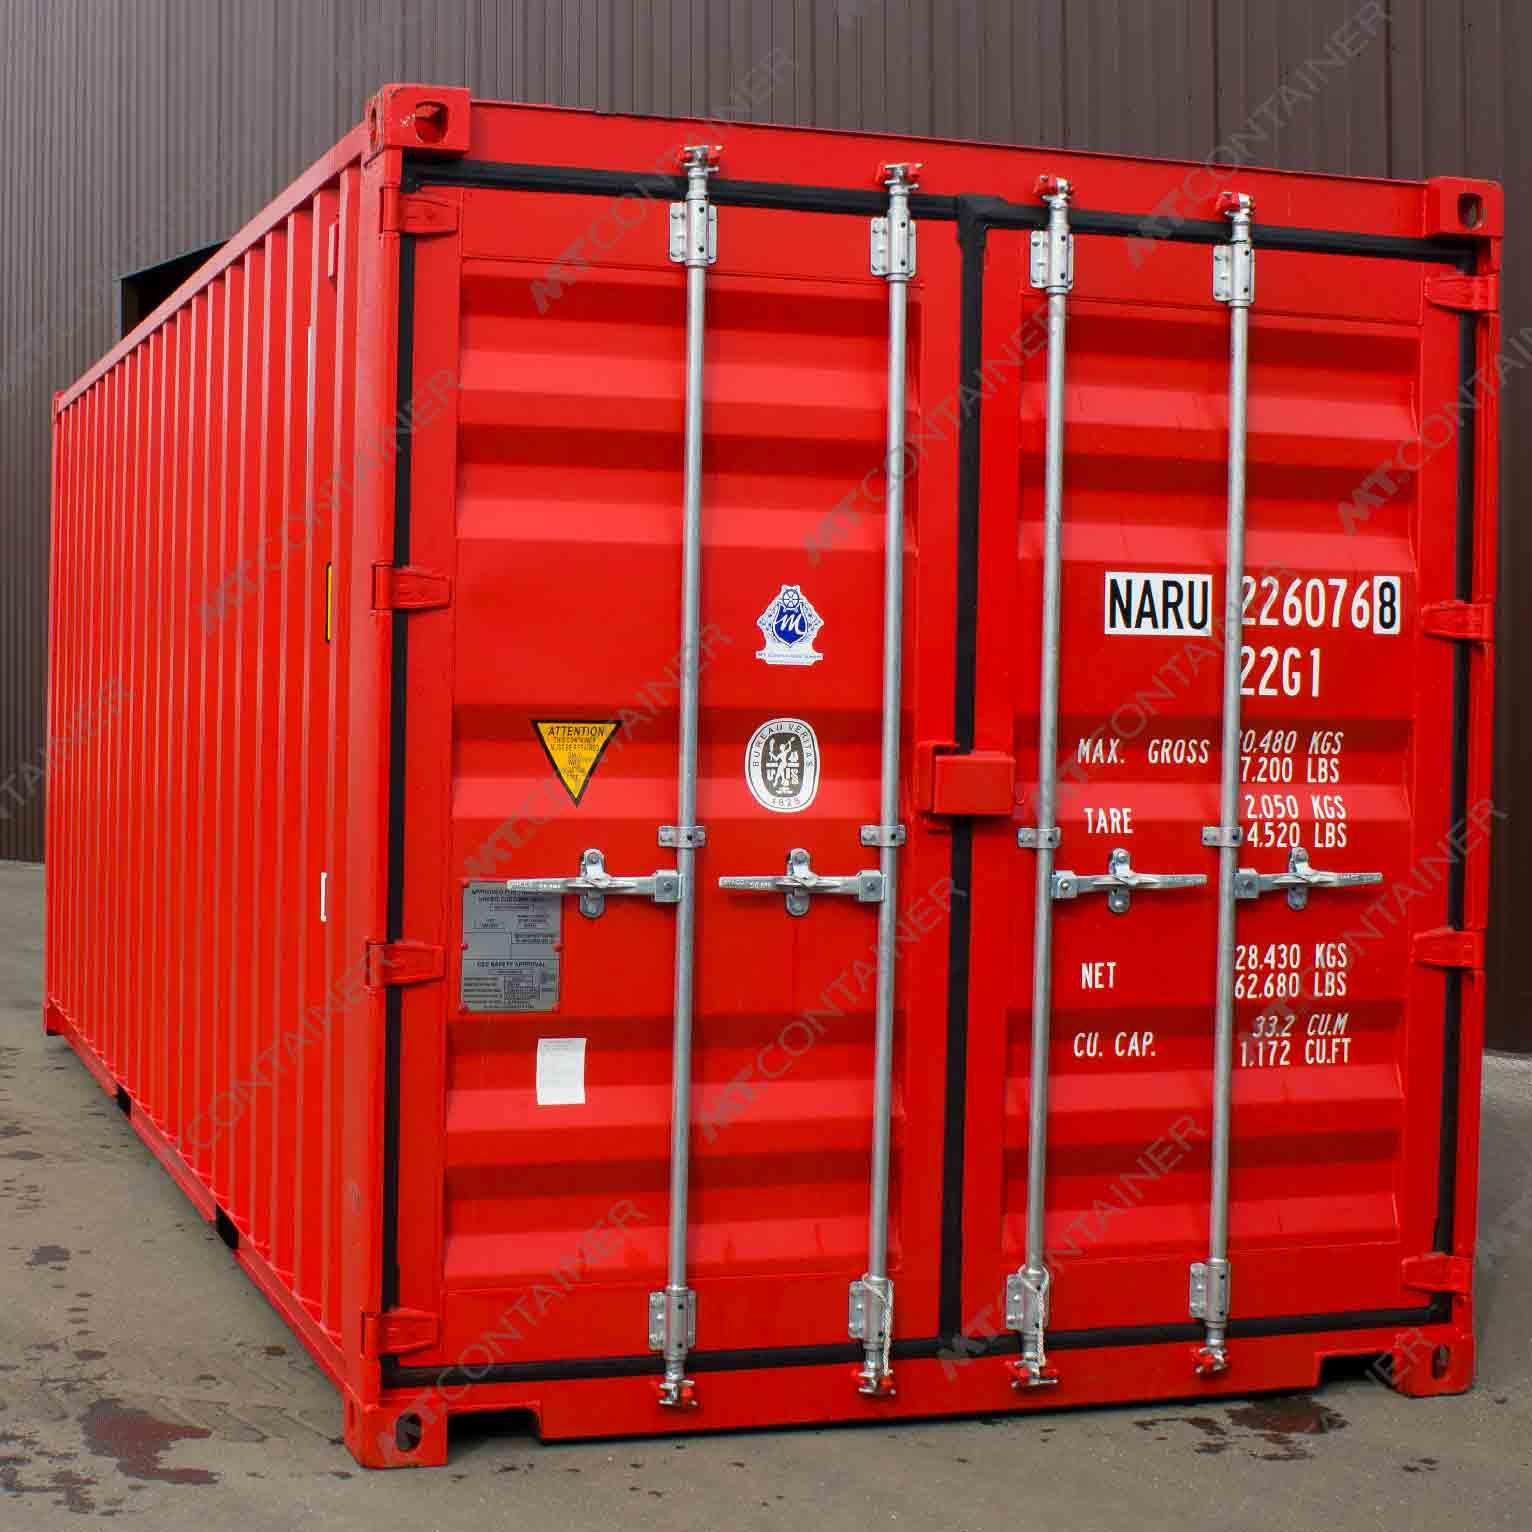 Ein roter 20 Fuss Seecontainer mit der Türseite nach vorne.